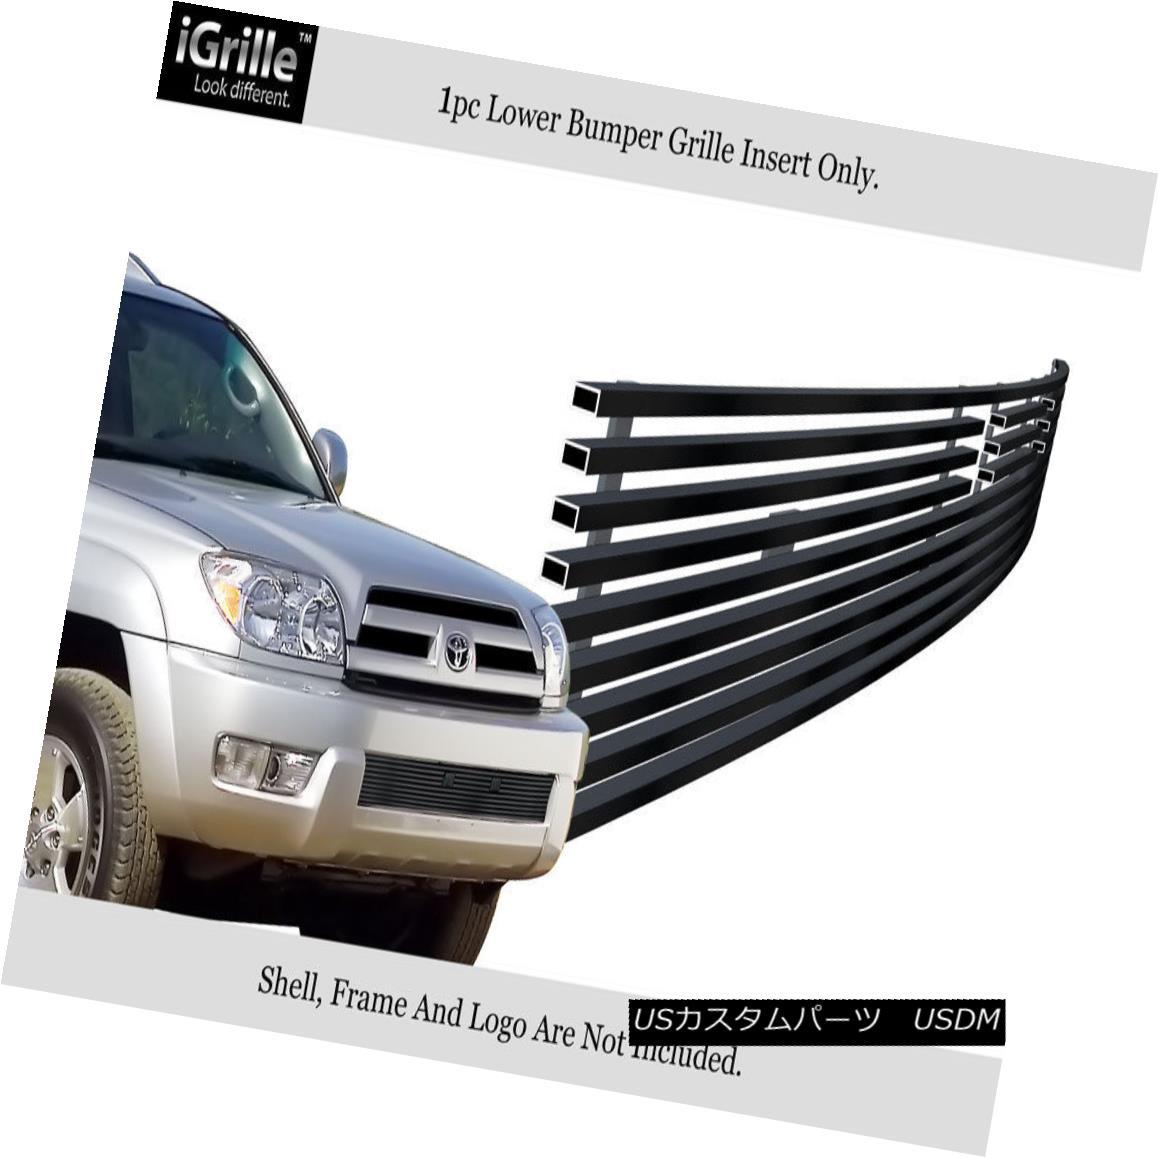 グリル For 2003-2005 Toyota 4Runner Stainless Steel Black Bumper Billet Grille Insert 2003?2005年トヨタ4Runnerステンレス鋼ブラックバンパービレットグリルインサート